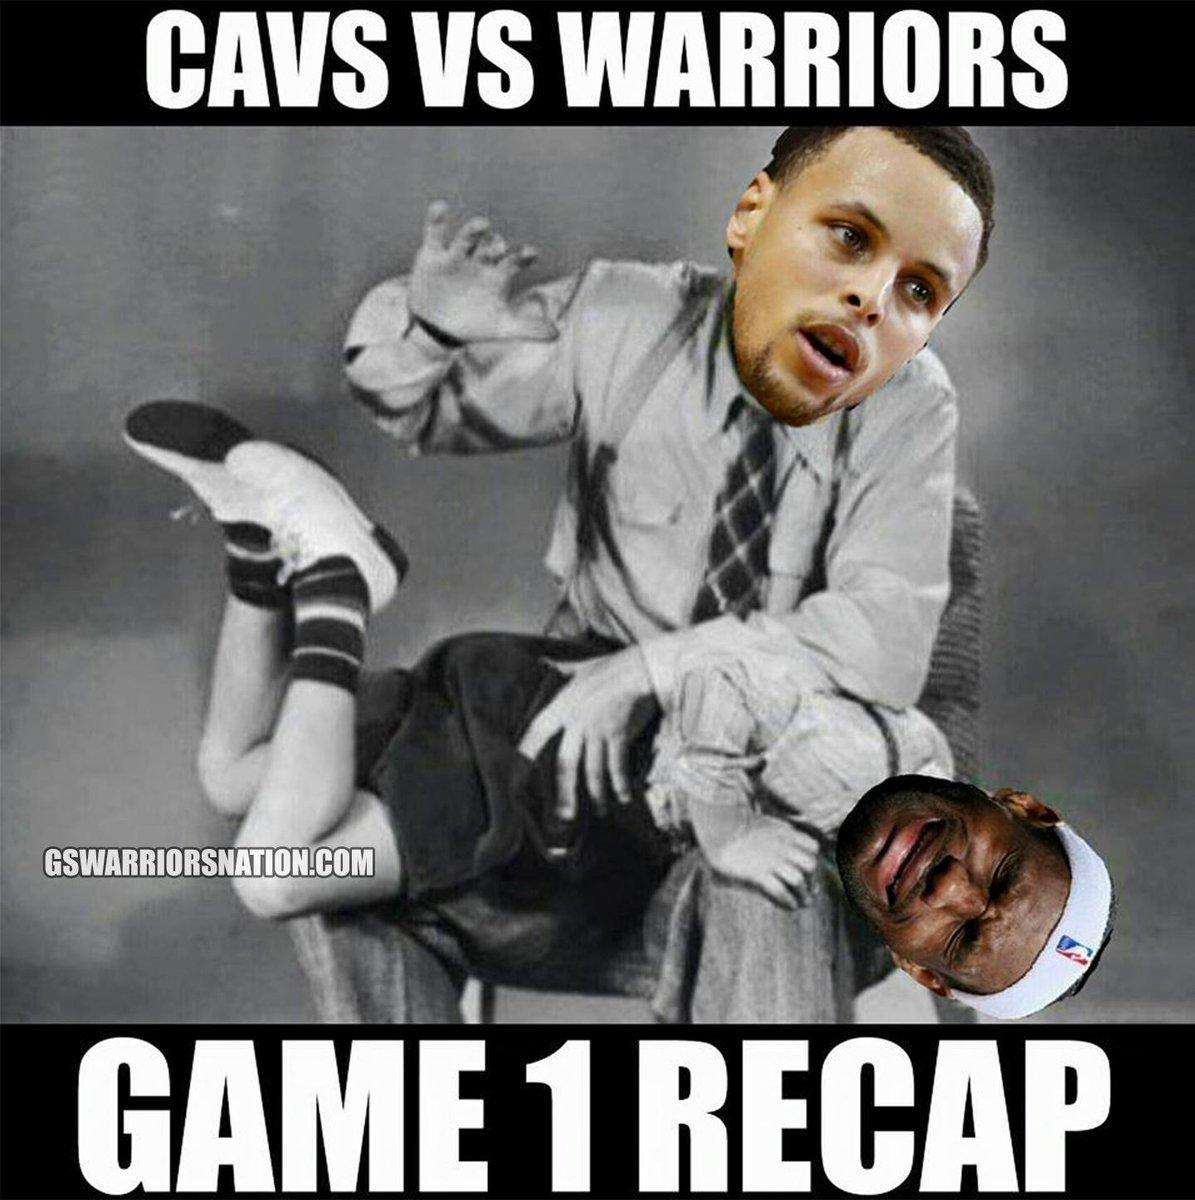 a6da6f02f467  NBAFinals Game 1 RECAP  Sorry LeBron James.  Warriors   Cavspic.twitter.com SYUU4uOXuy